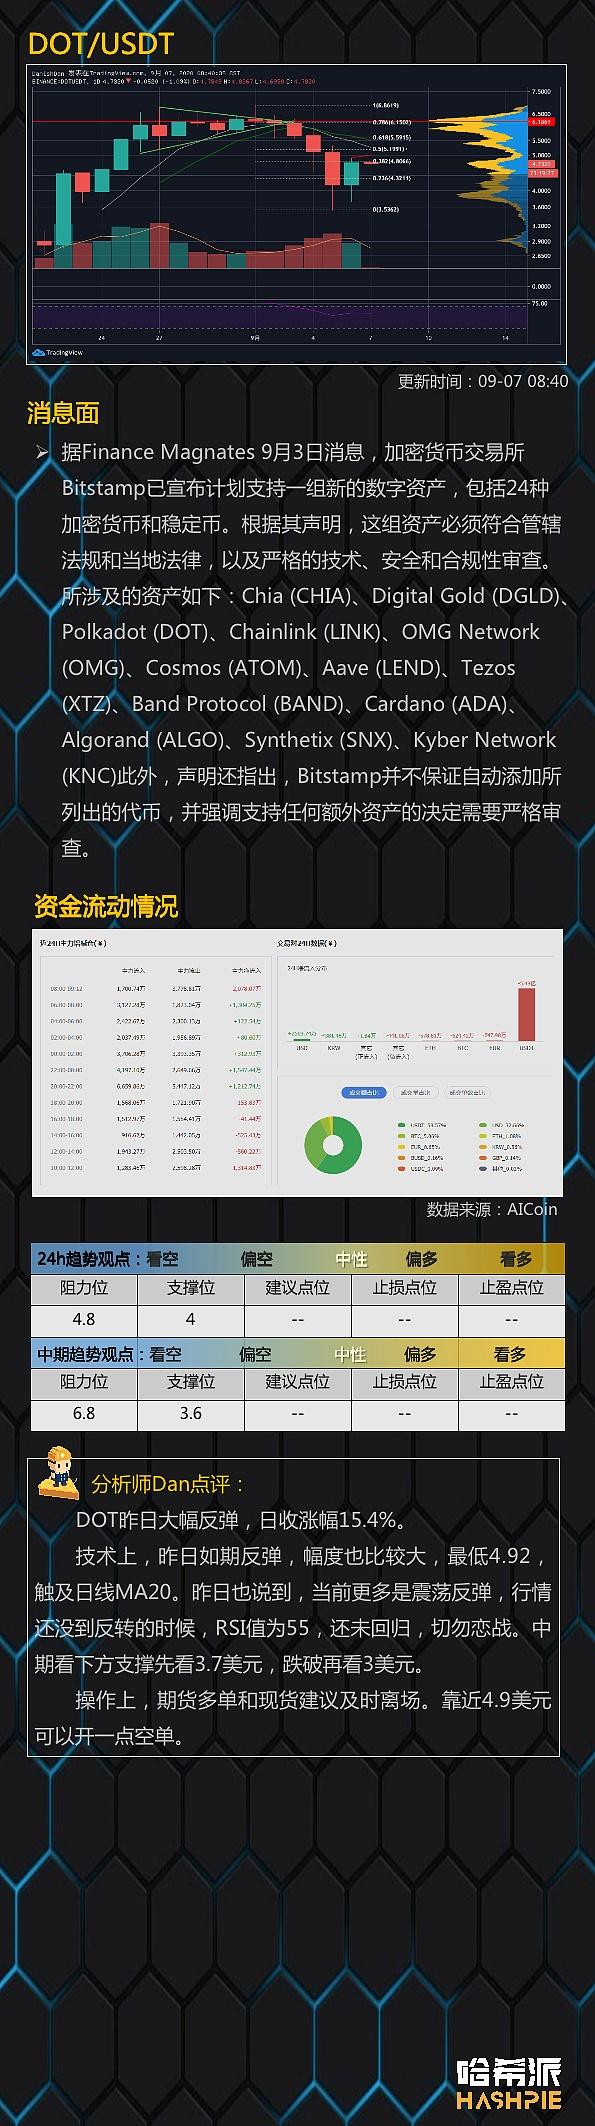 以太坊二维码冲币_上海尧懋新材料科技有限公司